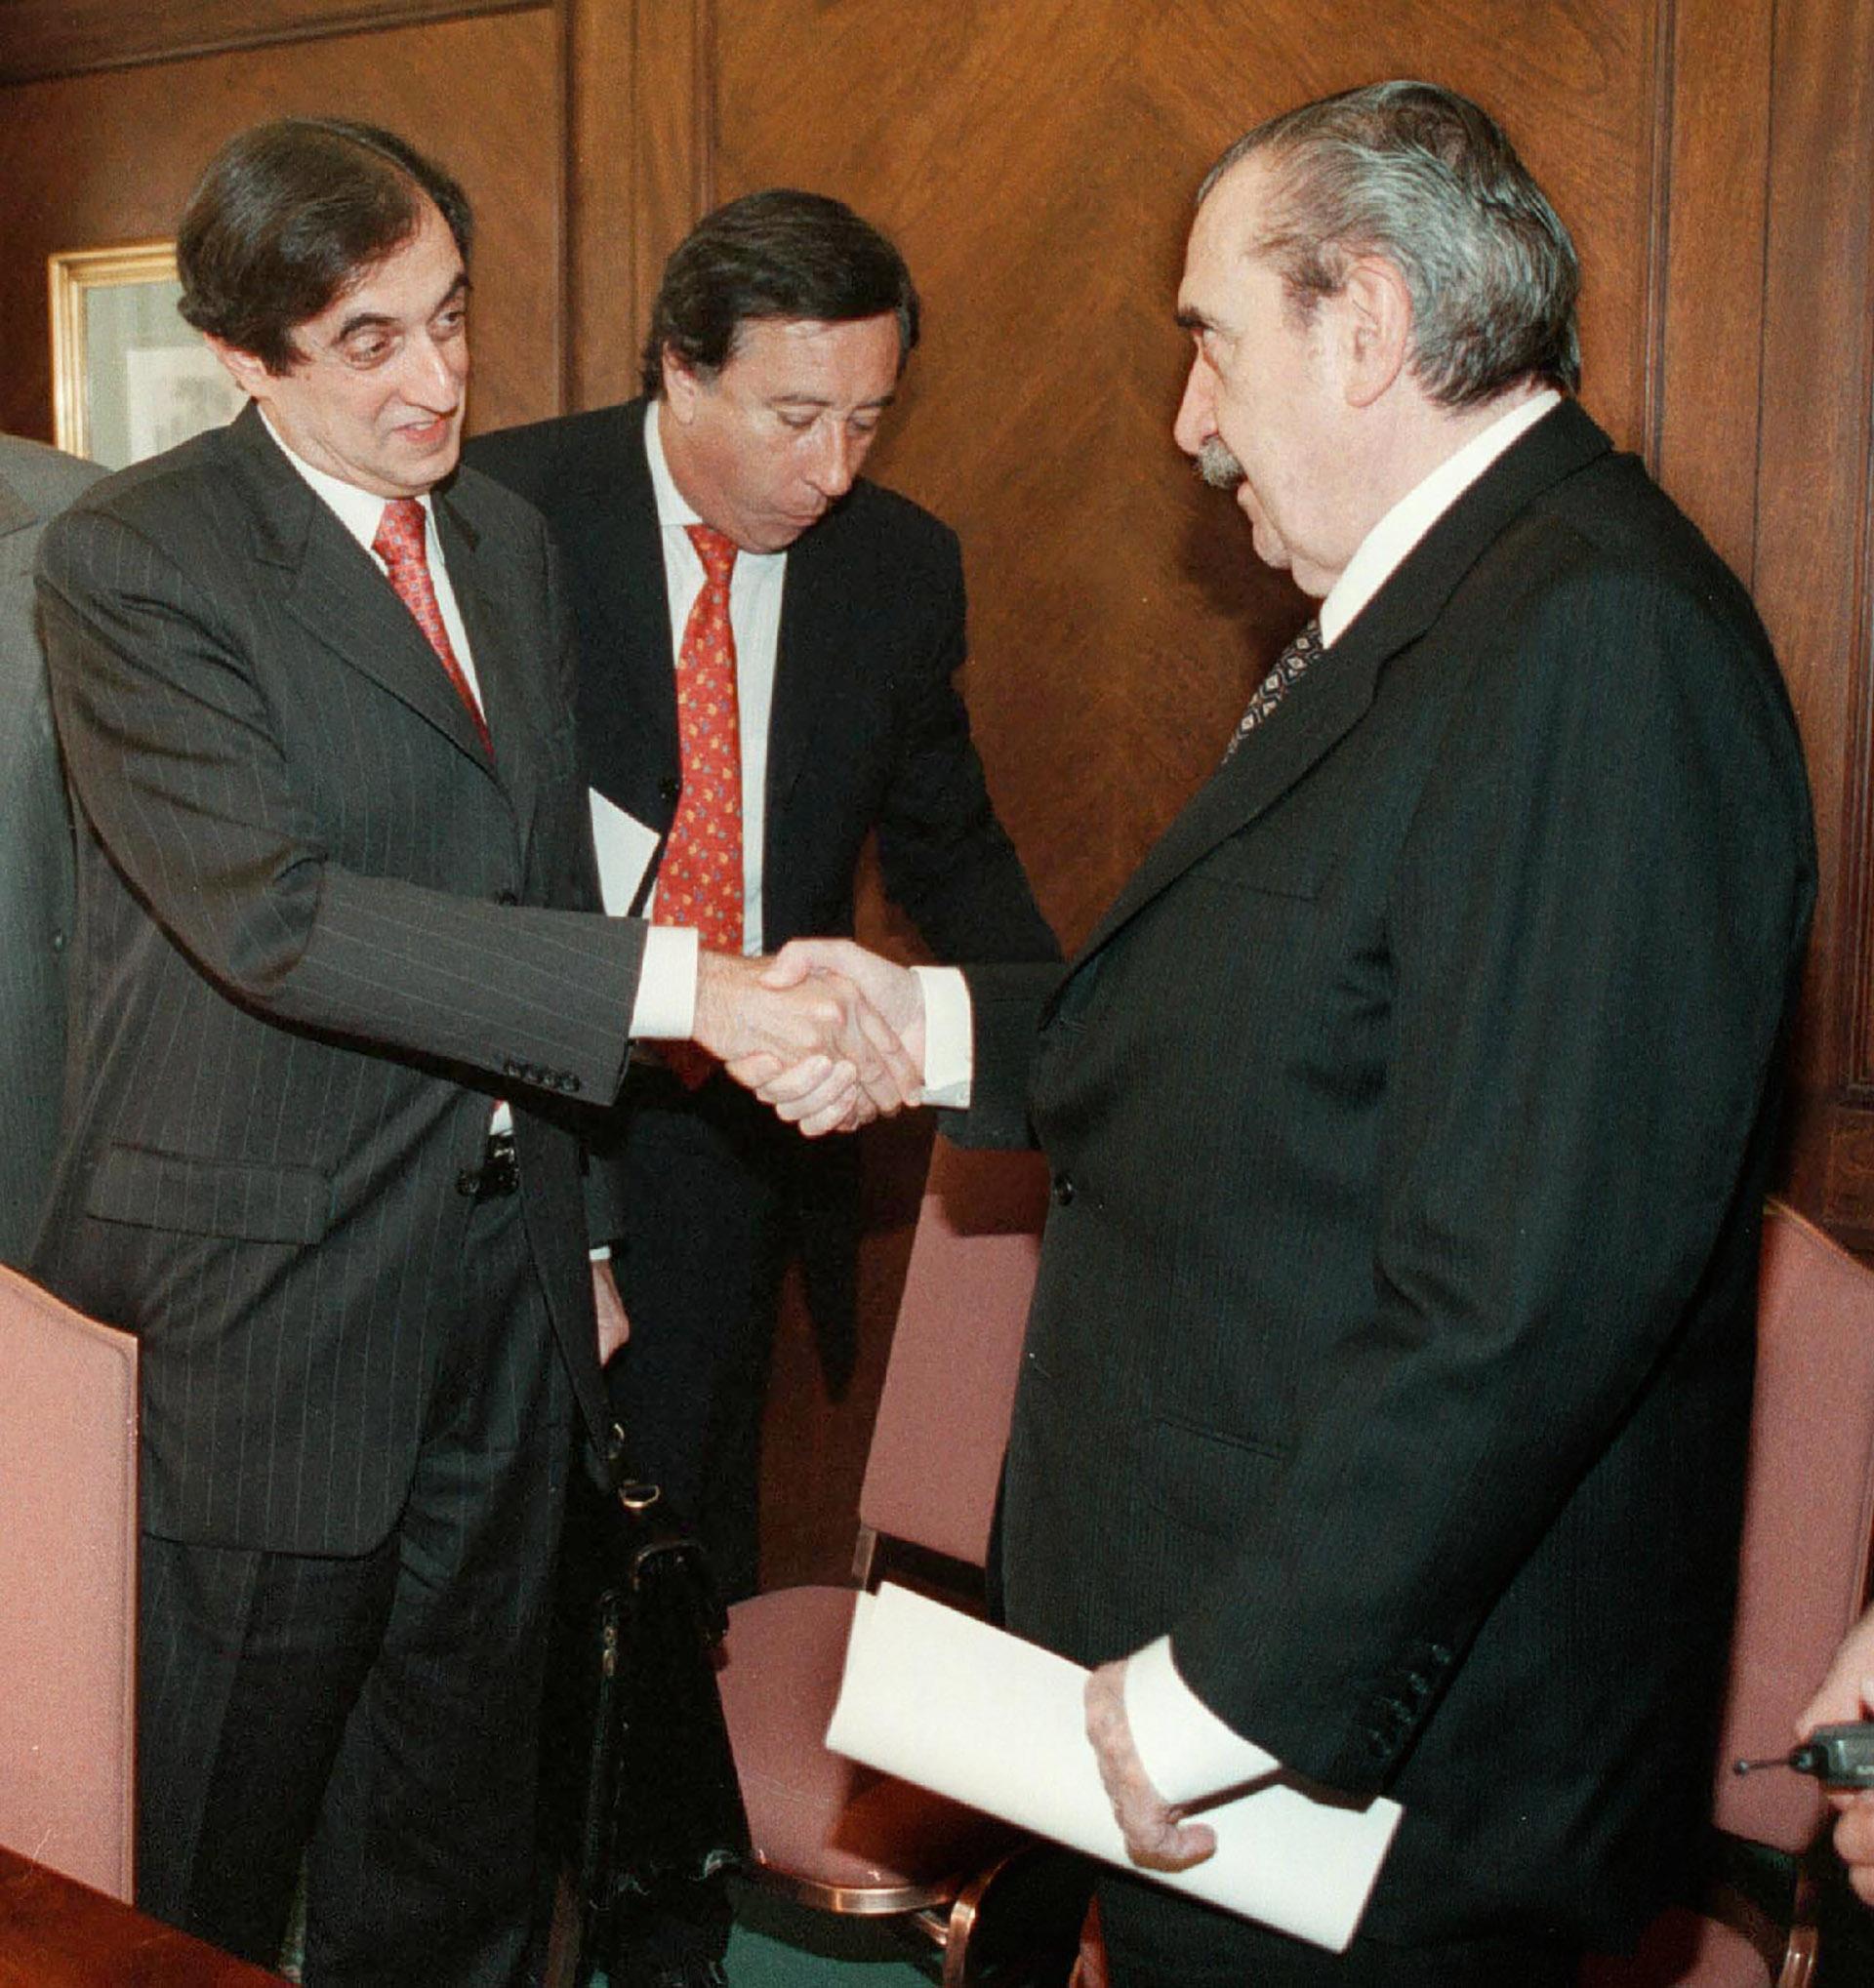 Alfonsín, como senador, le da la manoal representante del Fondo Monetario Internacional, Anoop Singh, luego de una reunión mantenida en un hotel internacional del barrio porteño de Retiro